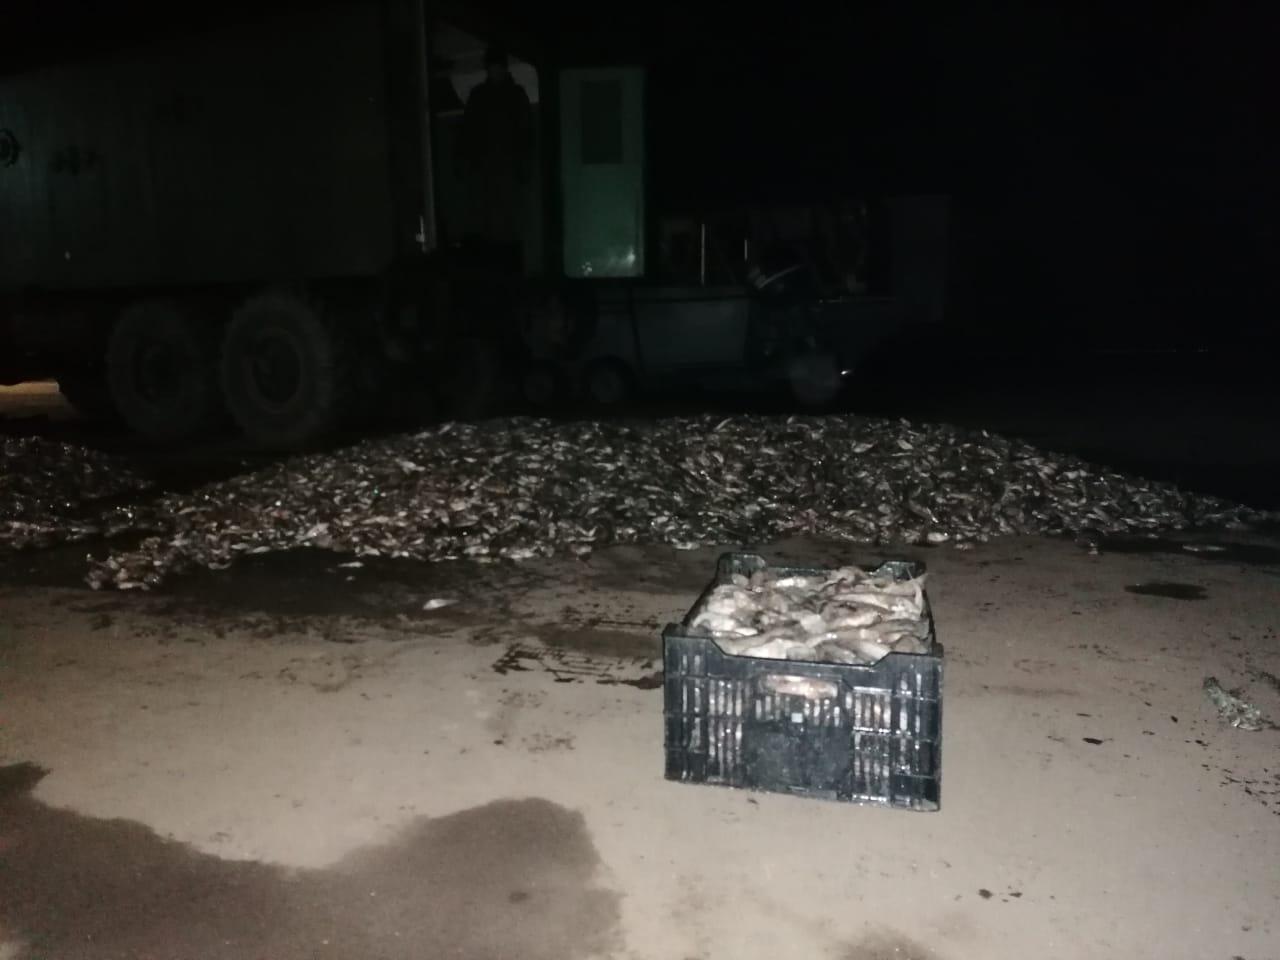 Под Таганрогом в Петрушино пограничники задержали браконьера с уловом на сумму около 4 млн рублей